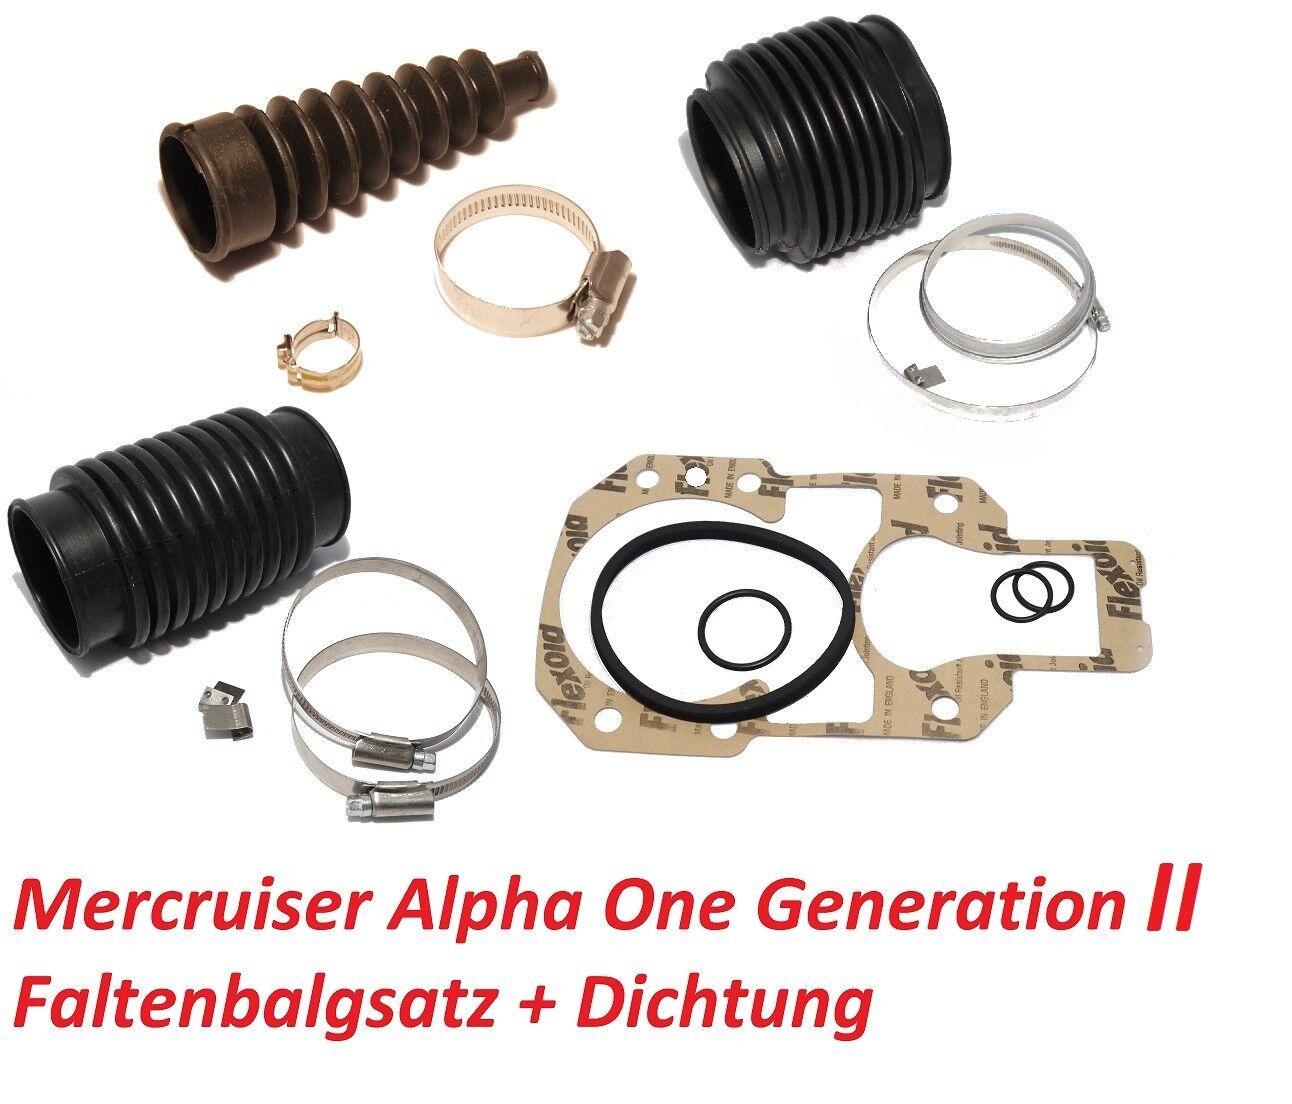 Faltenbalgsatz II Mercruiser Alpha One Generation II Faltenbalgsatz Z-Antrieb Service-Kit Bälge e69795